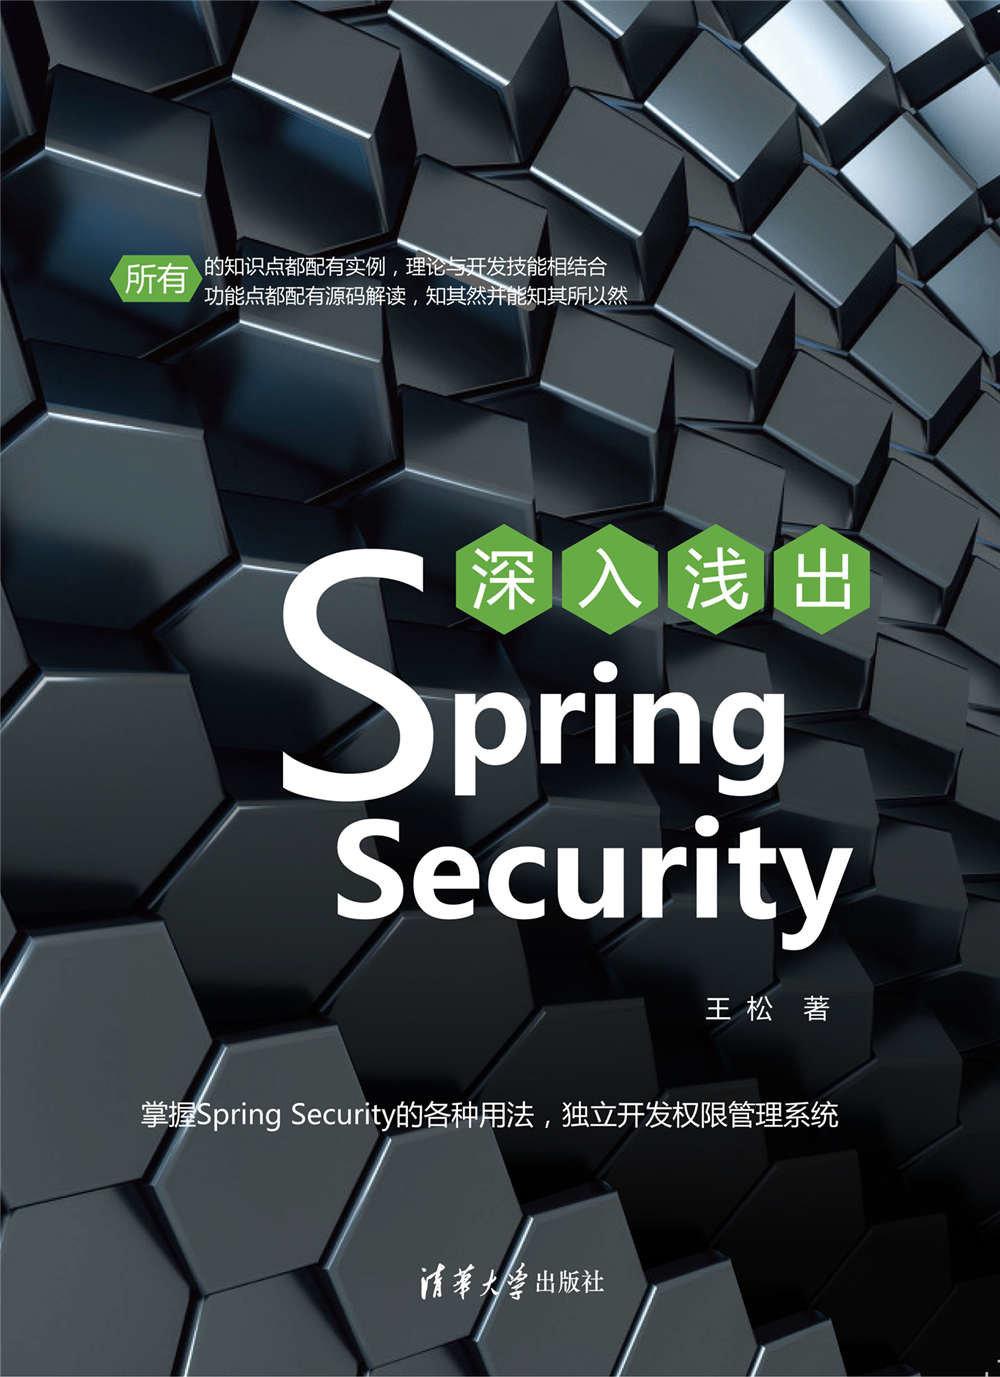 深入淺出 Spring Security-preview-1